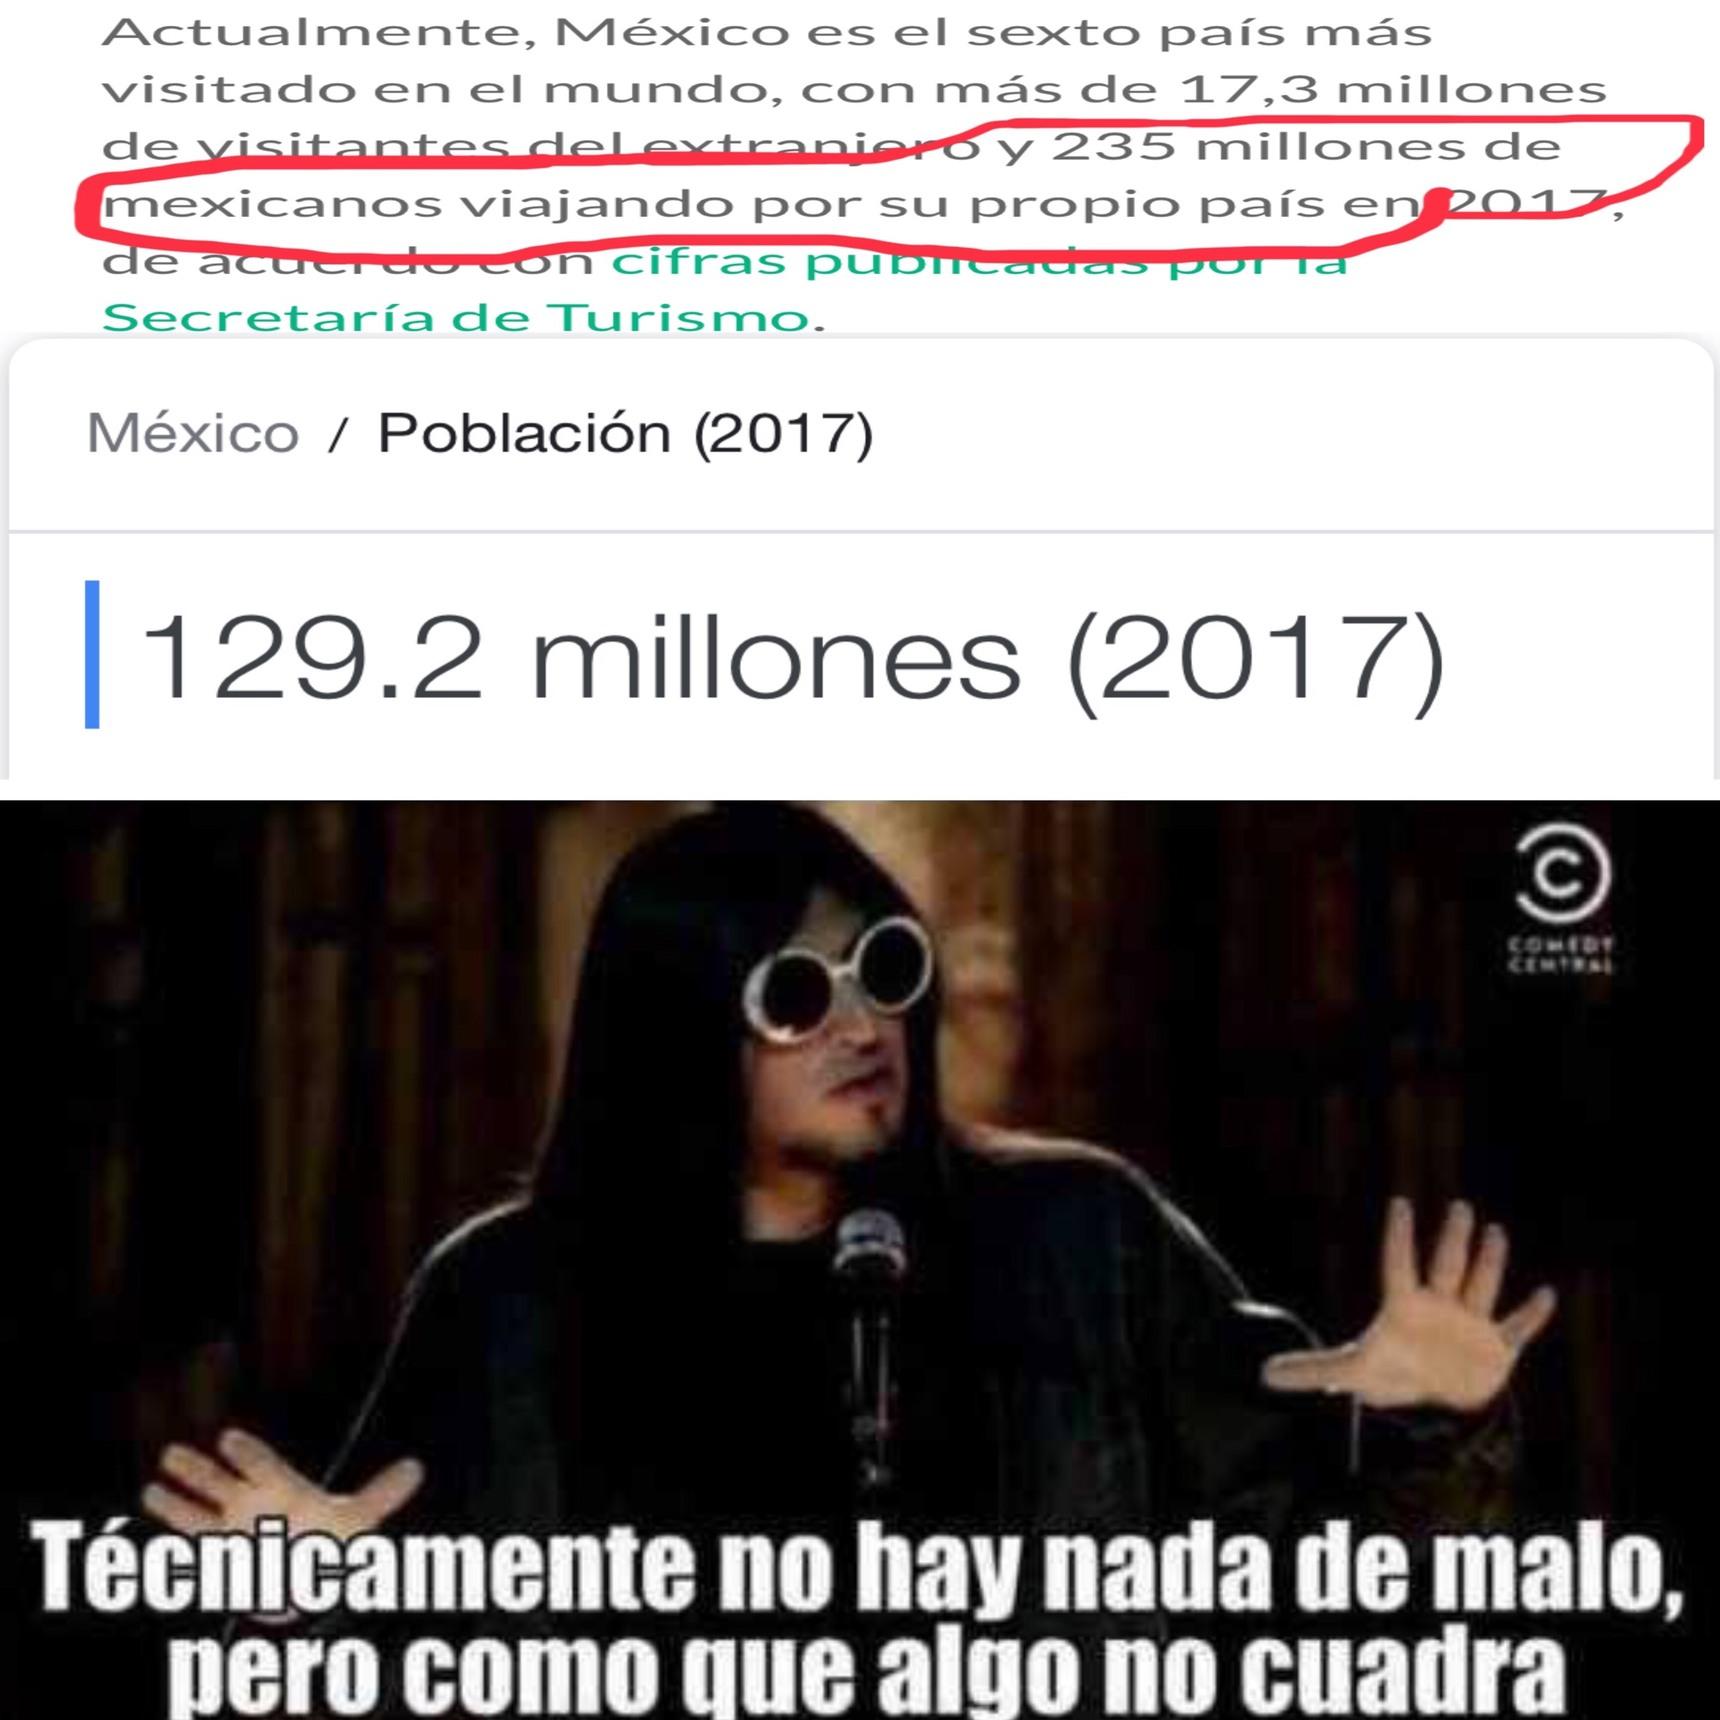 es q algunos mexicanos valemos el doble - meme